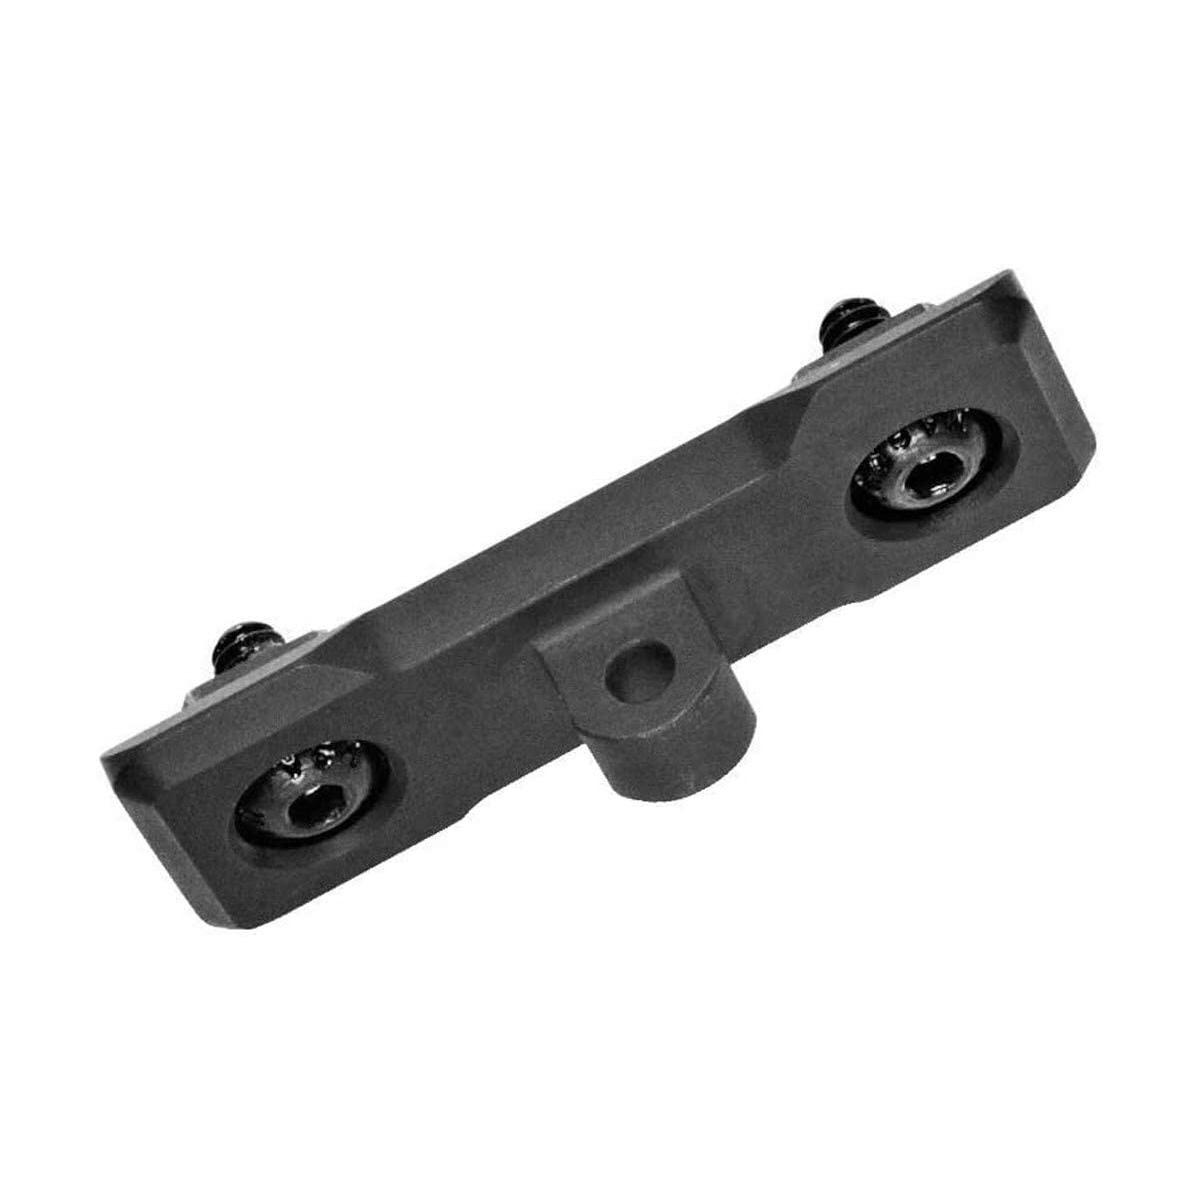 Nikko Stirling MLOK Bipod Adapter For Chassis Stocks